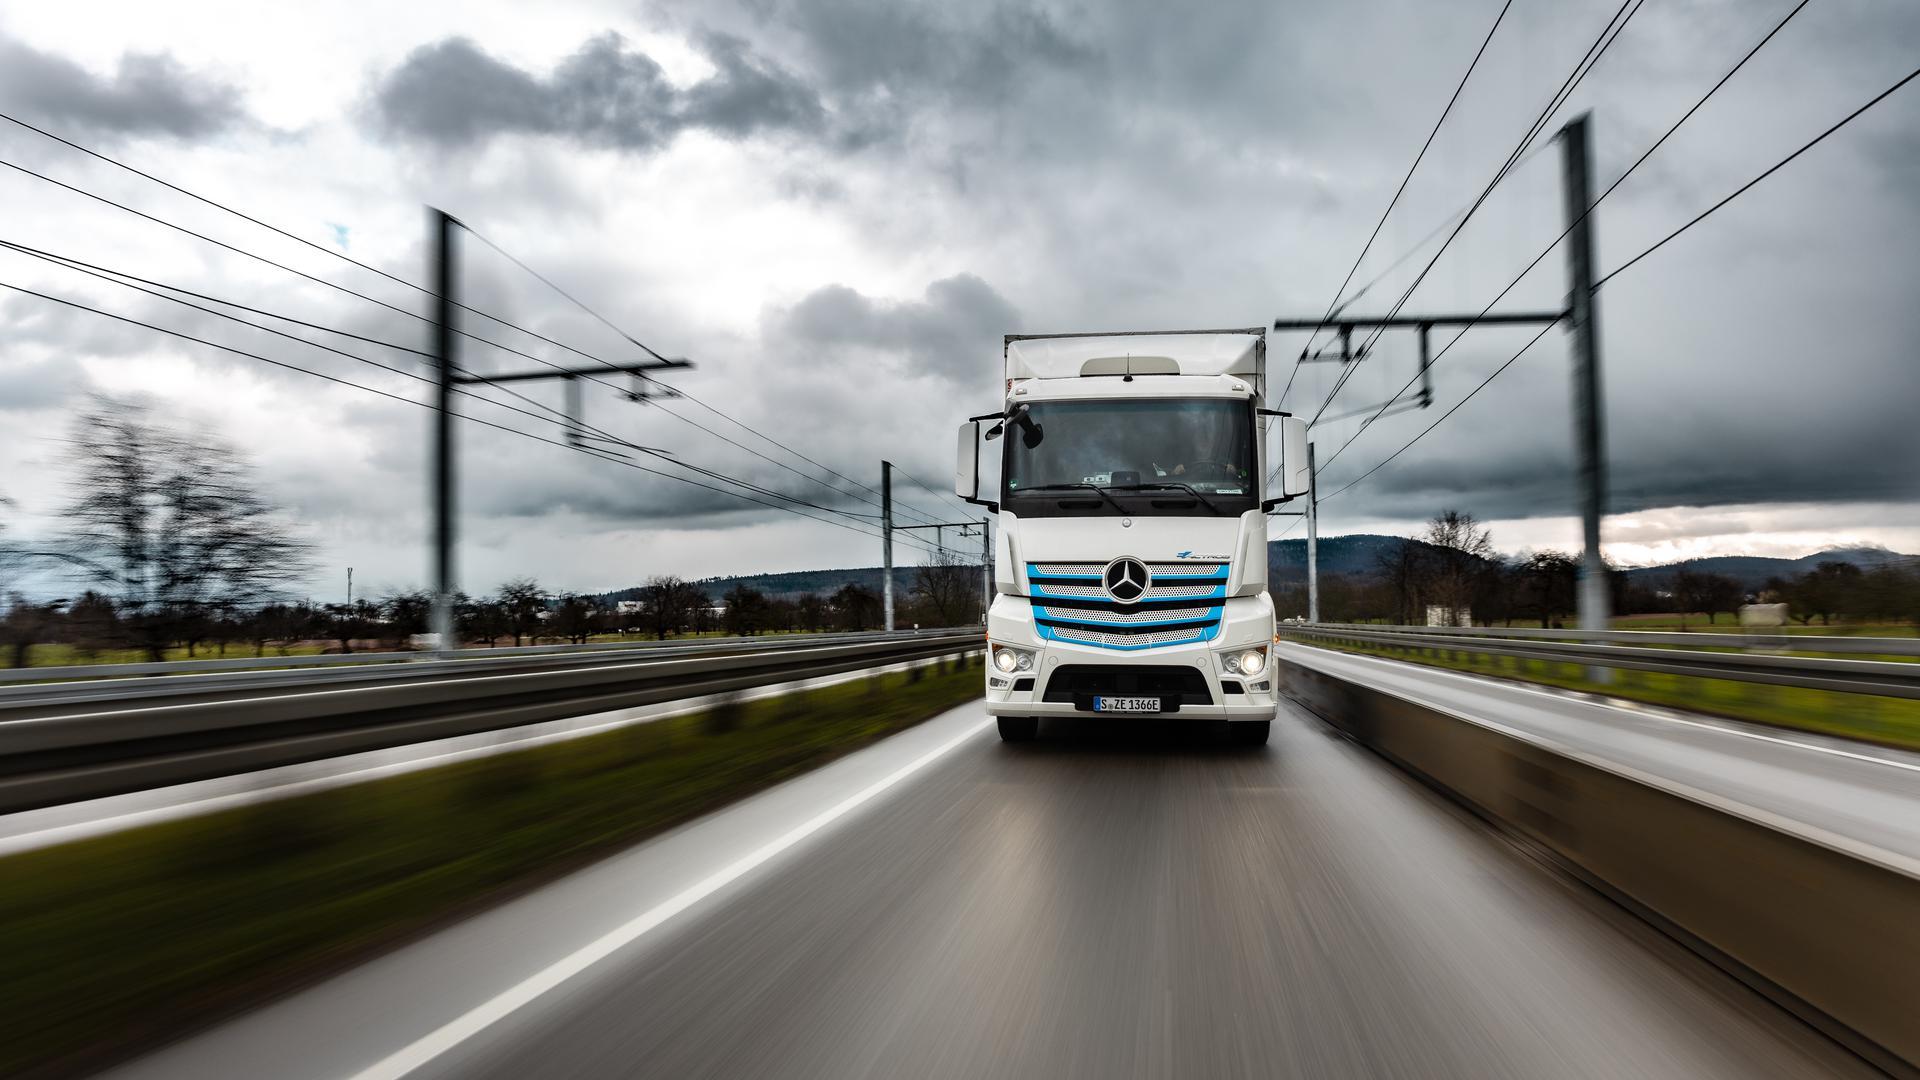 Ein  batterieelektrischer Mercedes-Benz eActros fährt seit Januar auf der zukünftiger Oberleitungsstrecke bis zu 300 Kilometer täglich.